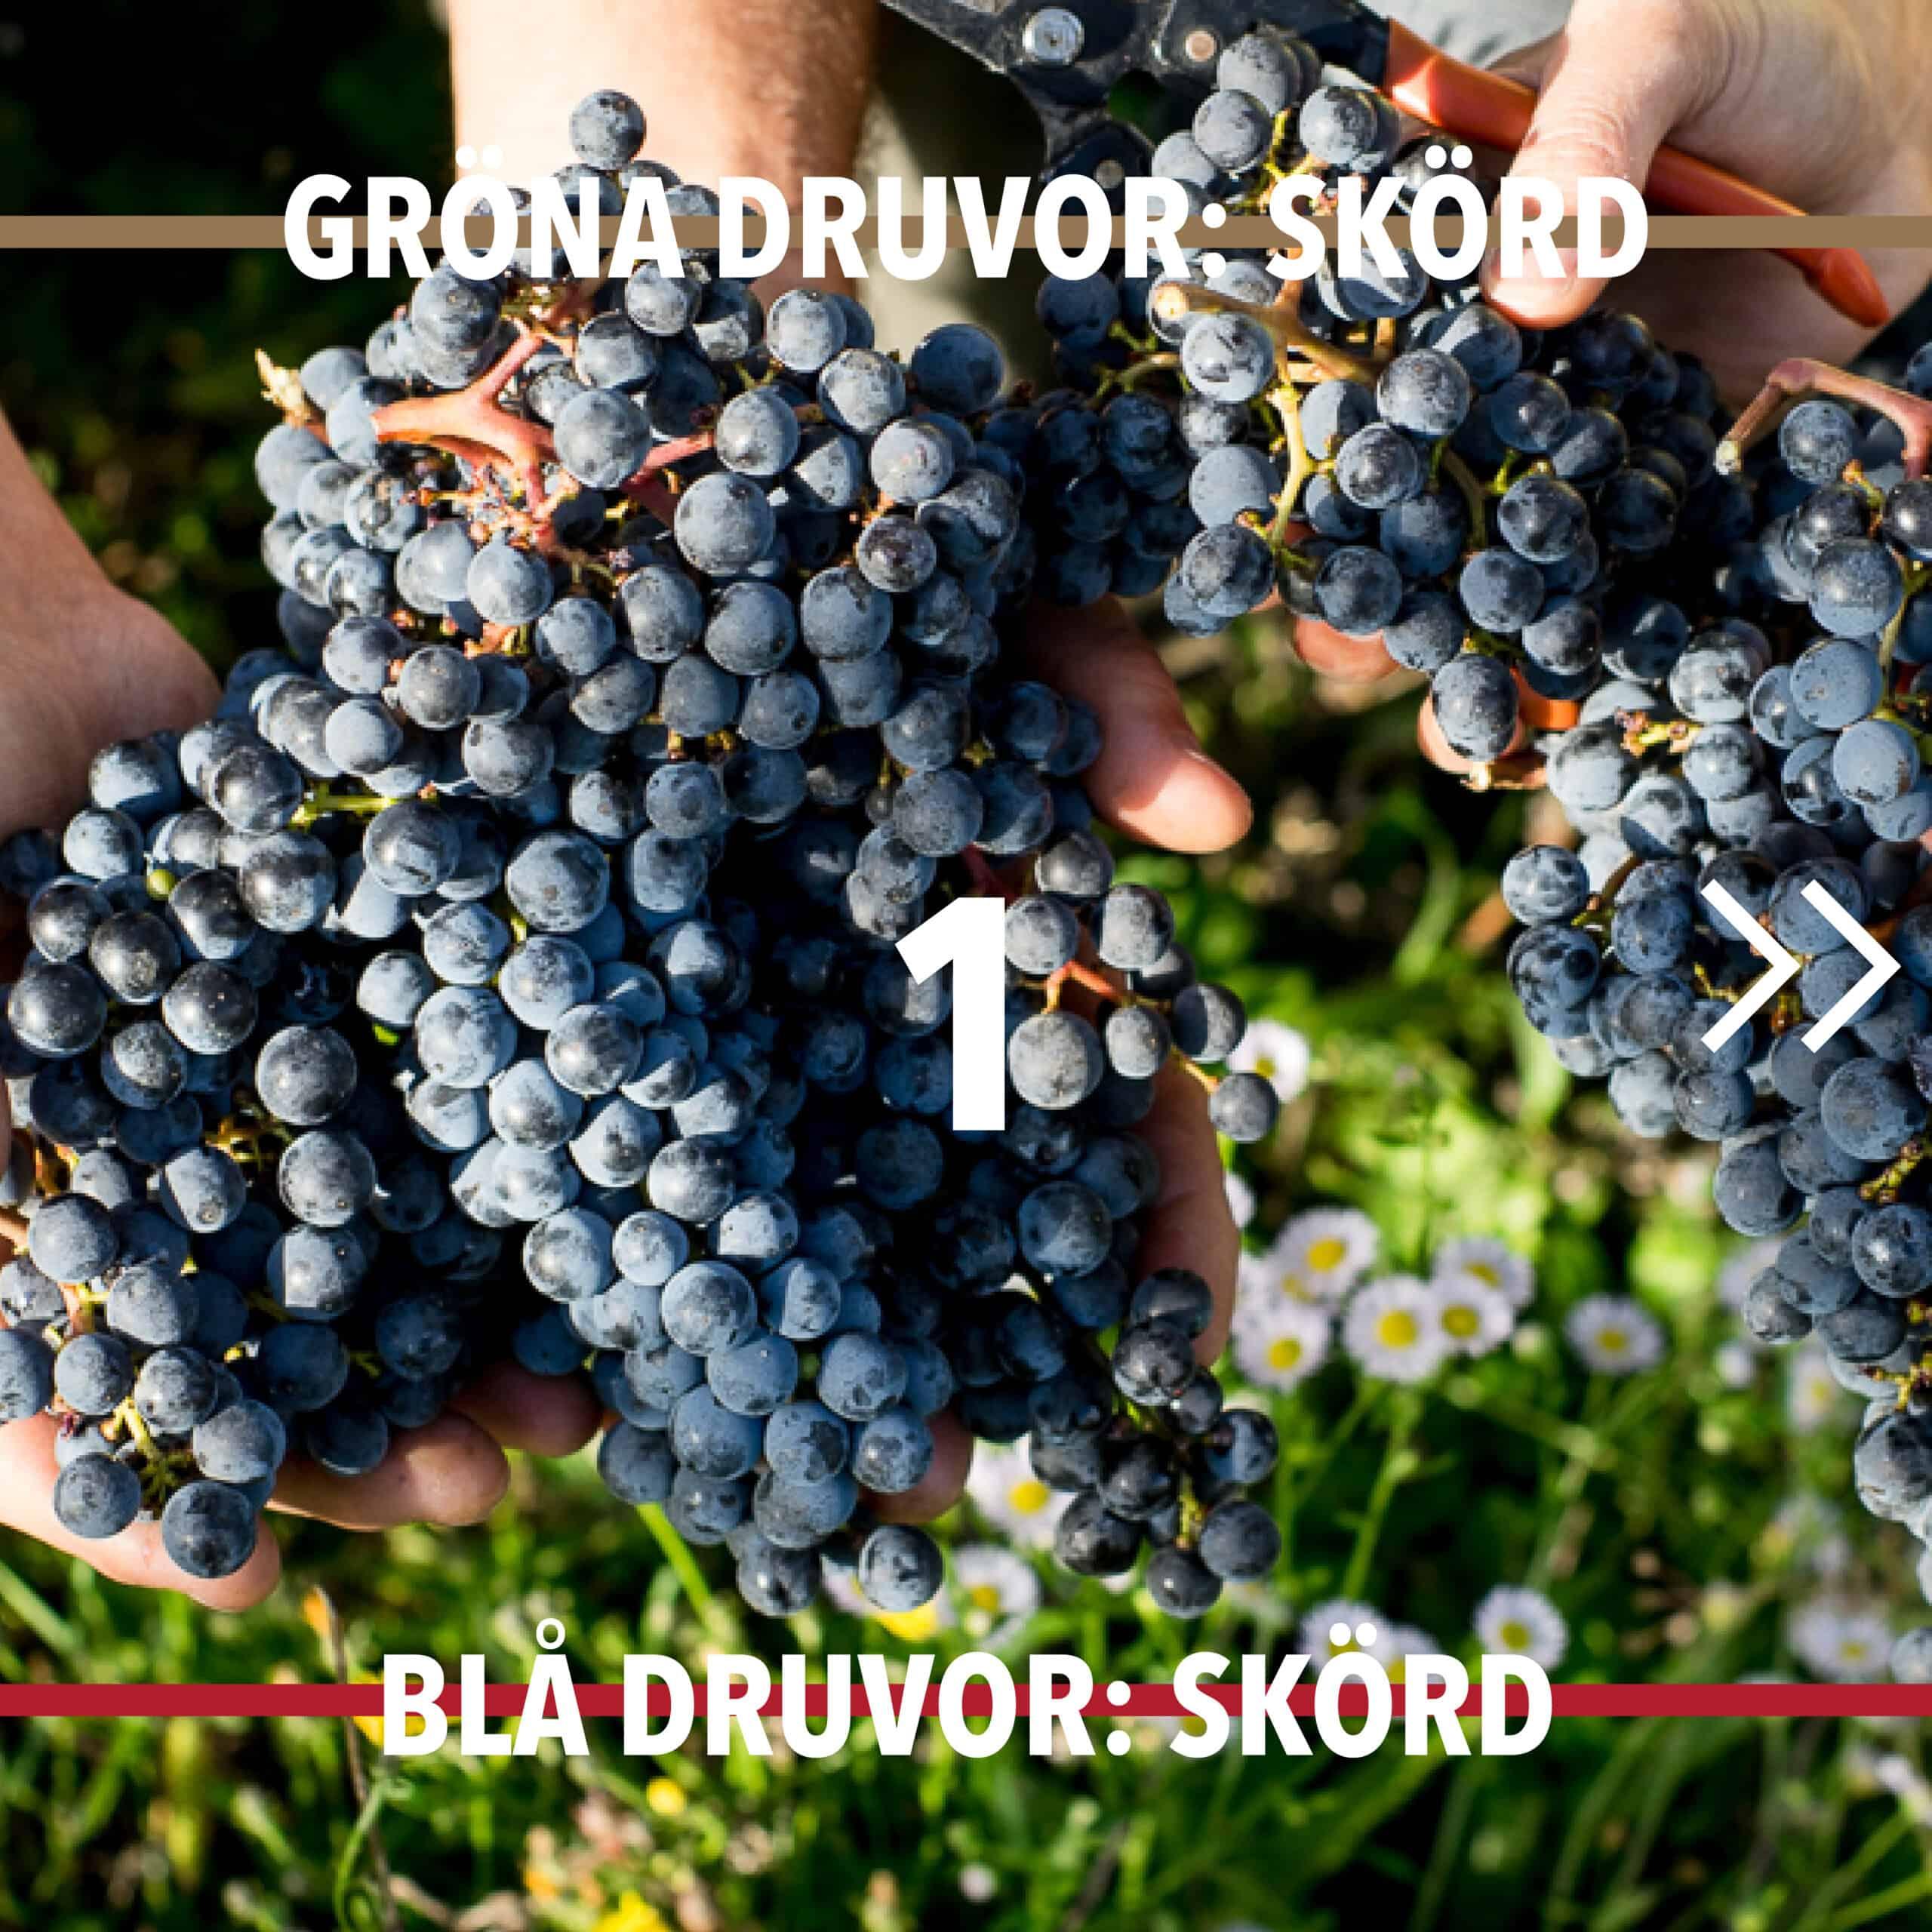 Vintillverkning guide hungry wines: Skörd